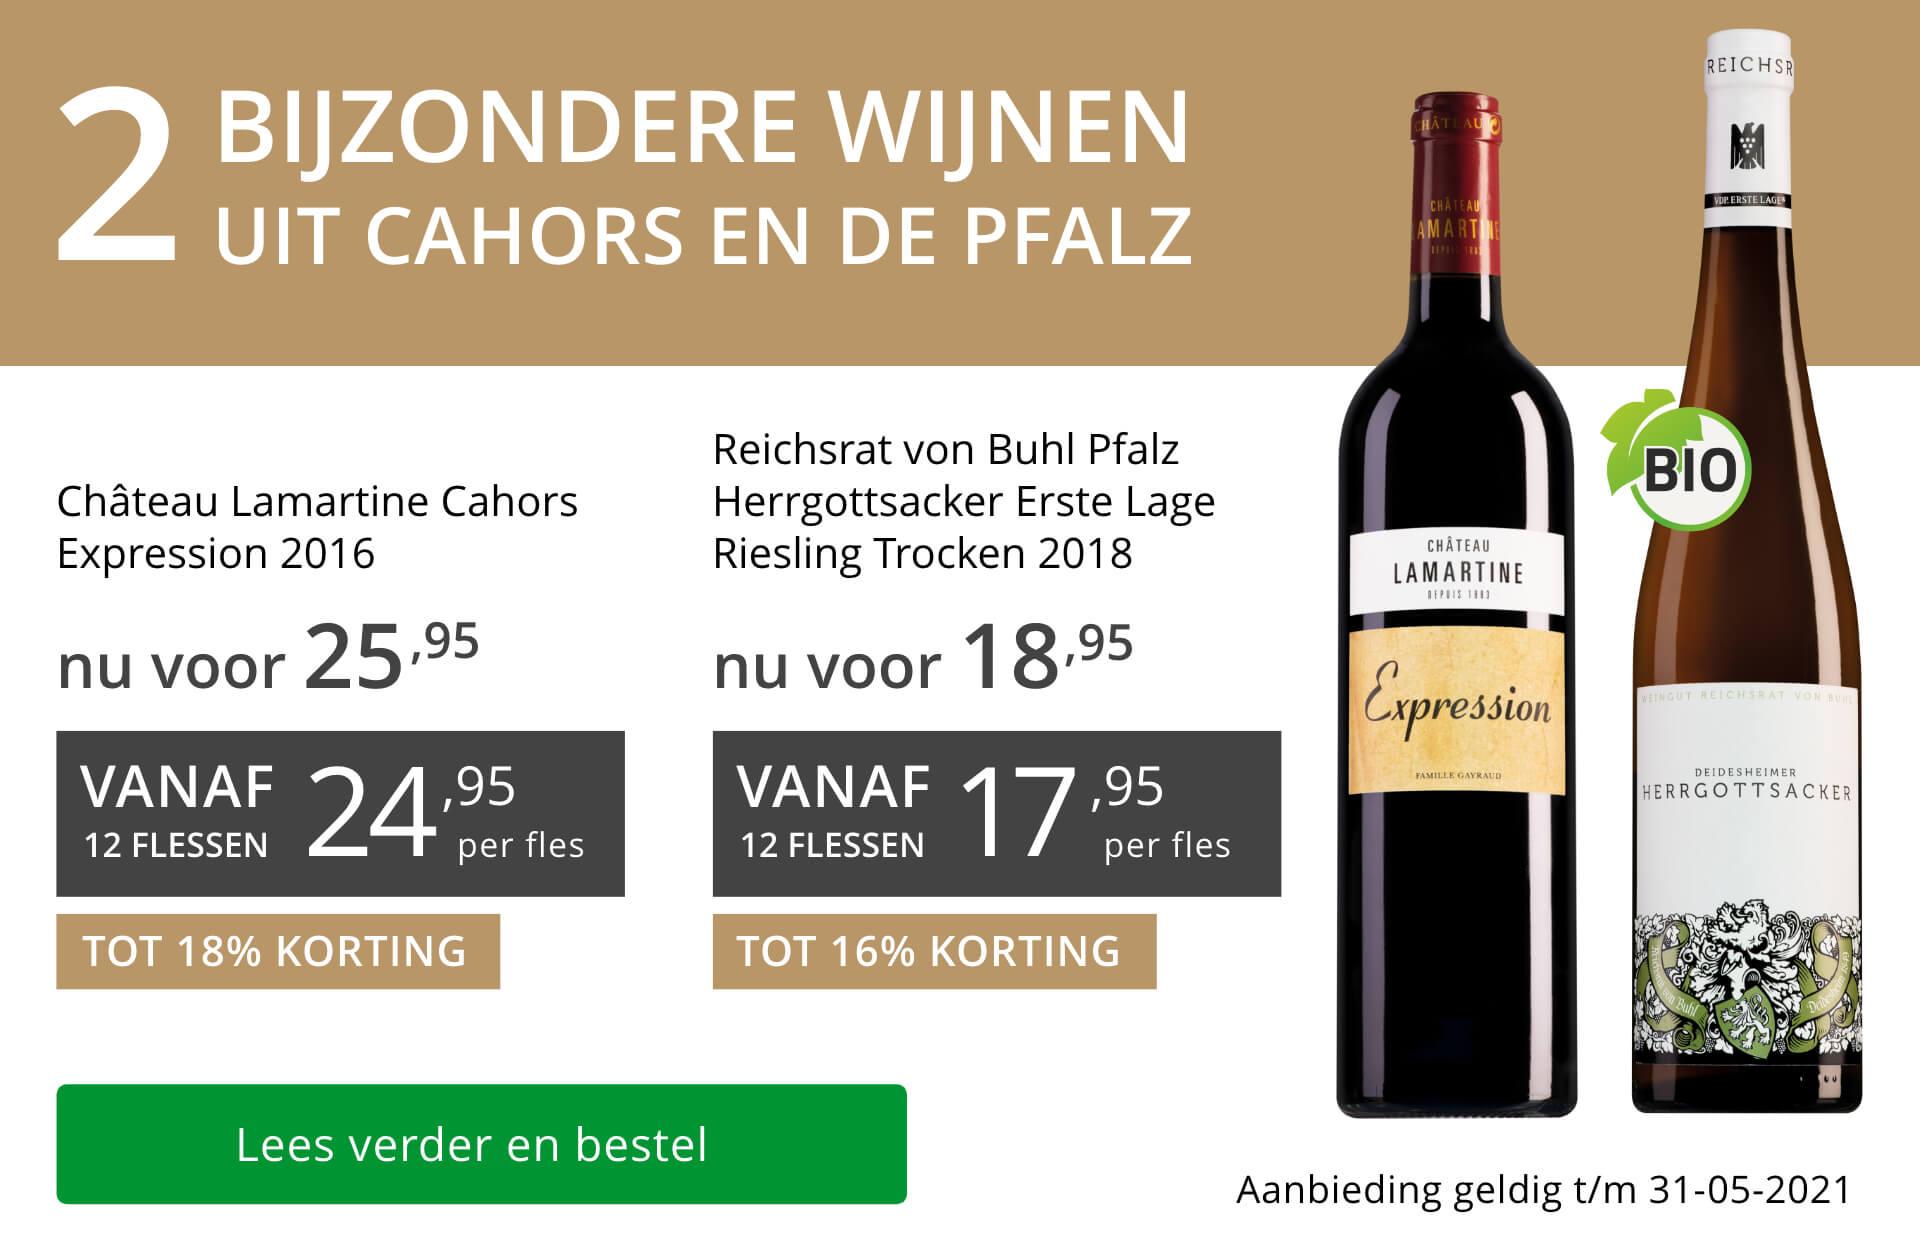 Twee bijzondere wijnen mei 2021 - grijs/goud